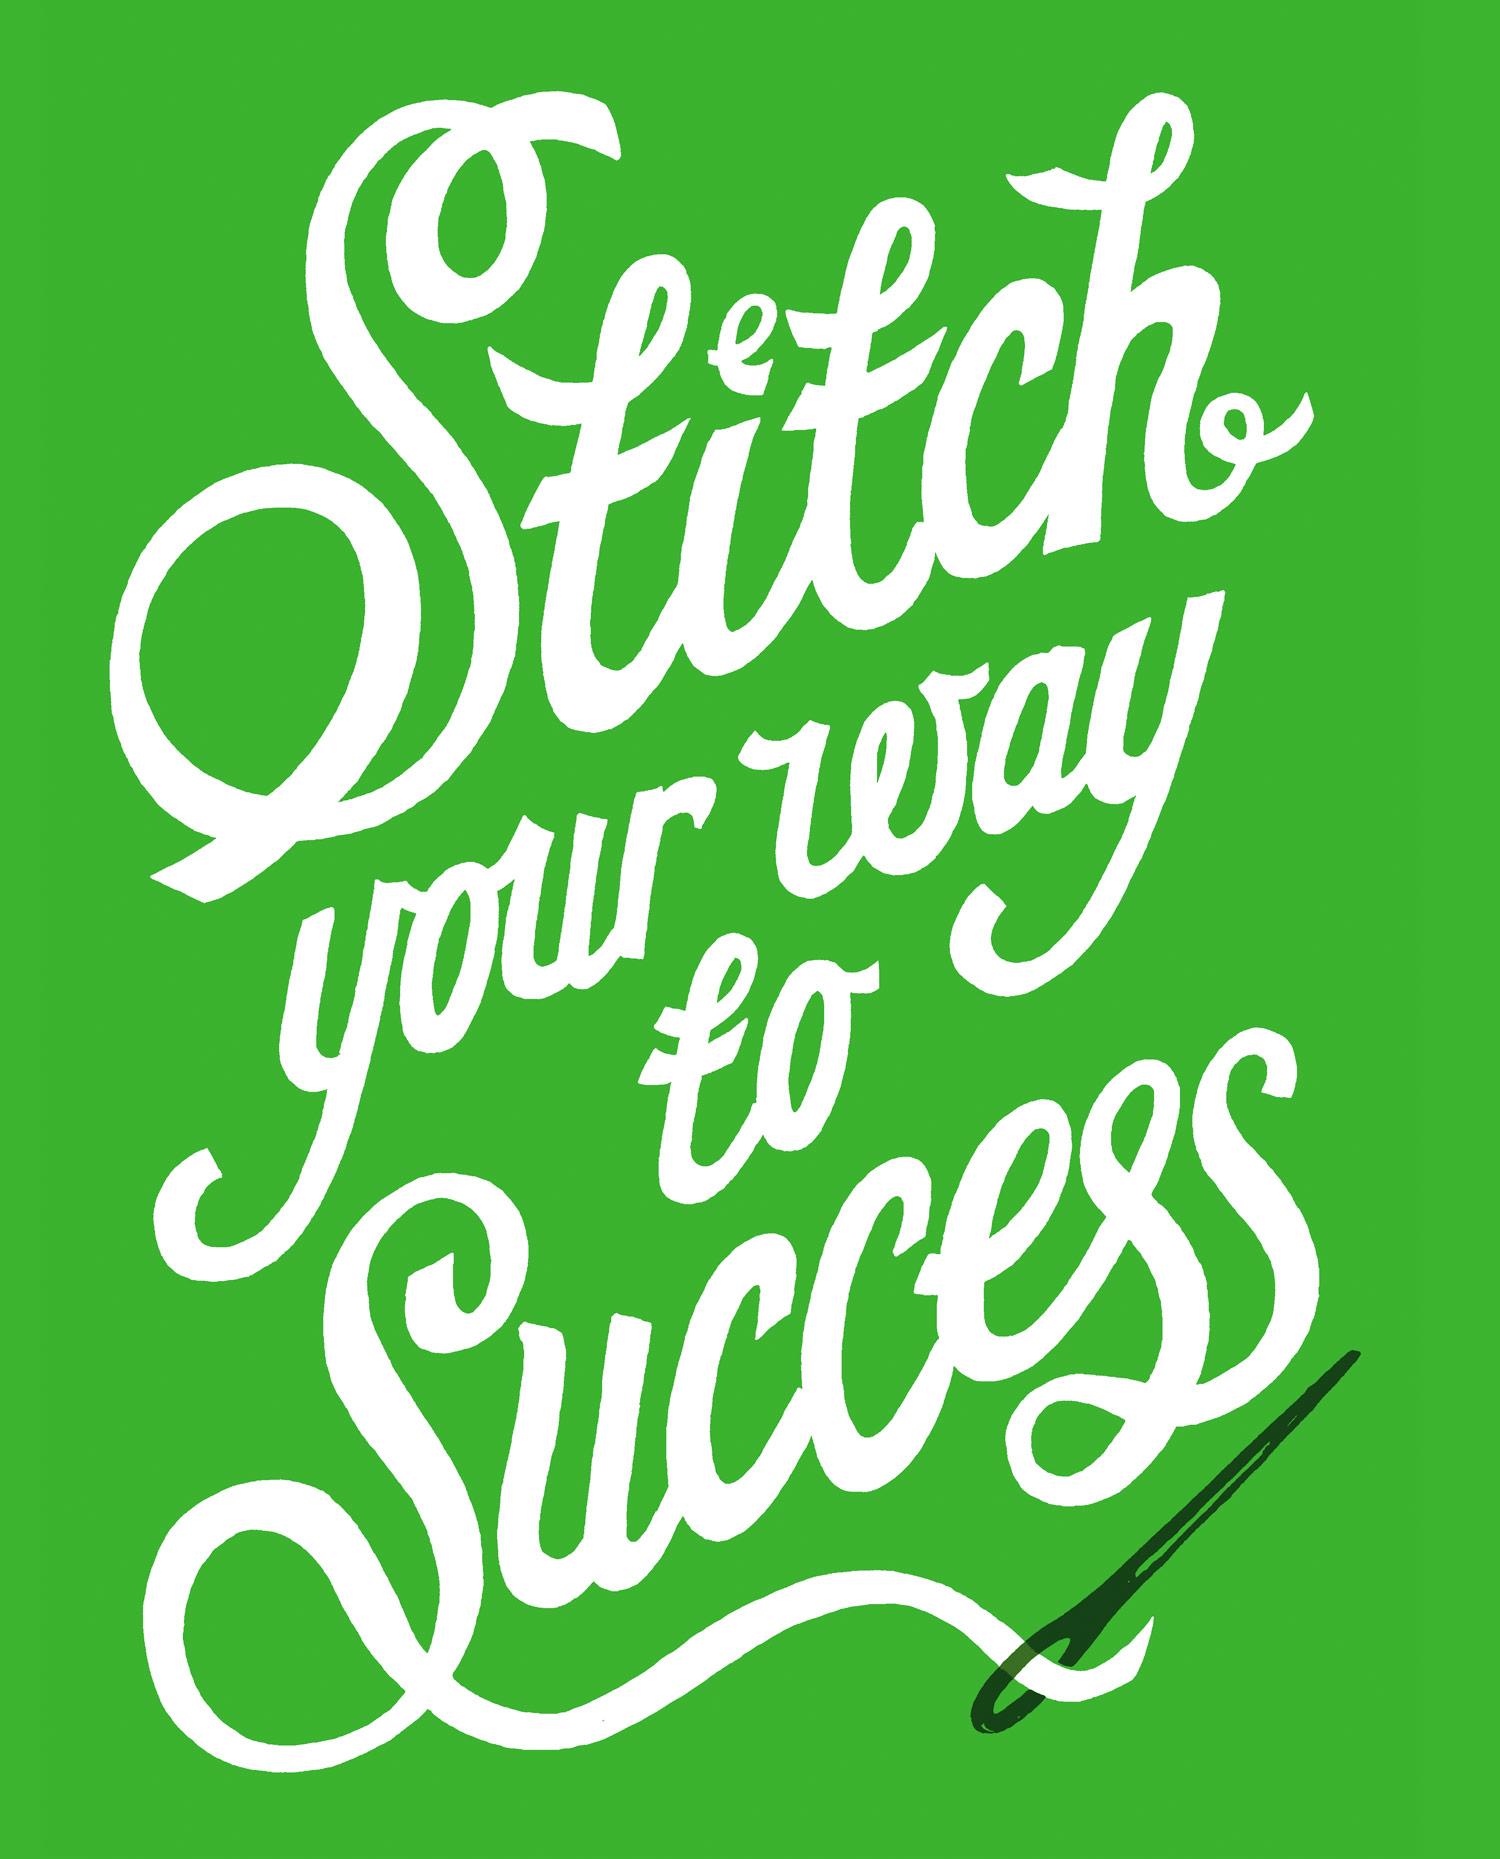 stitchyourway.jpg